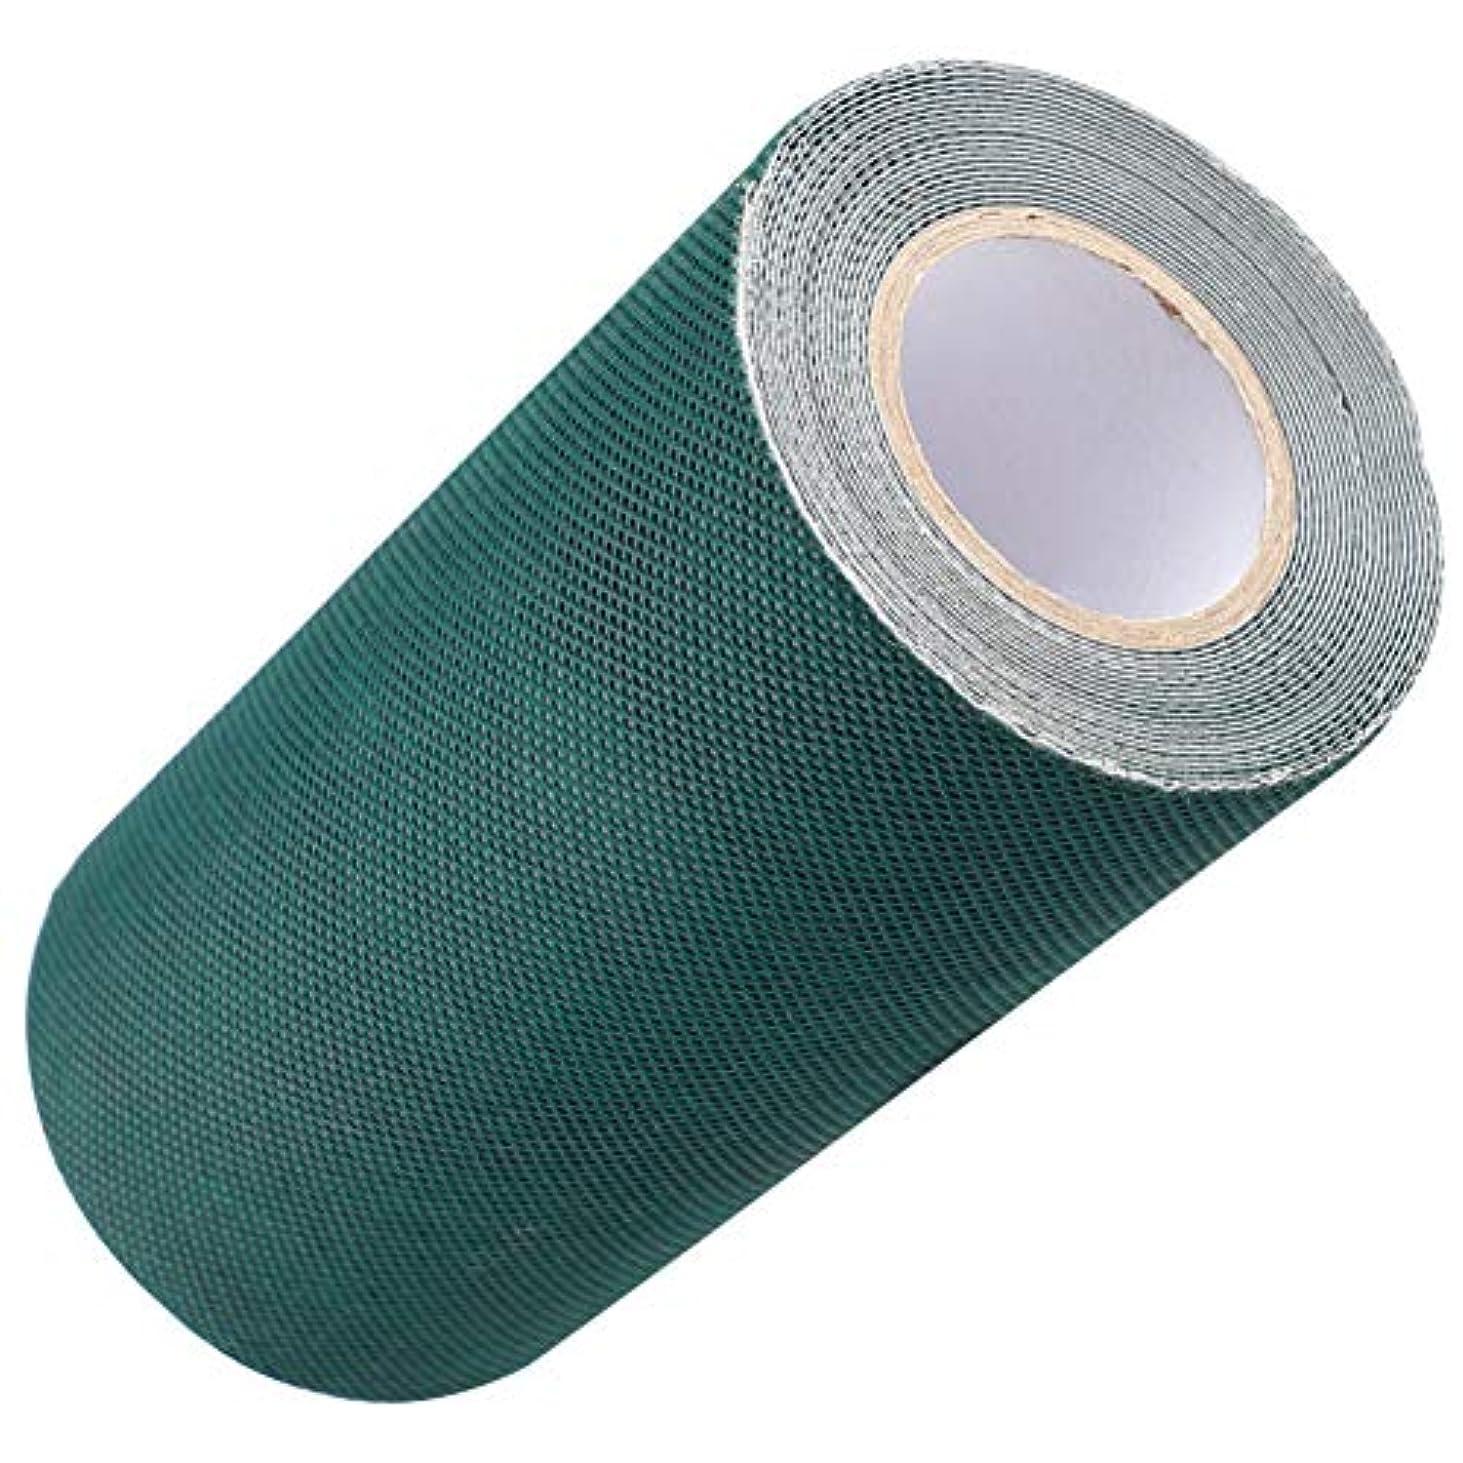 とげのある商人足音DOMO 人工芝接着布 人工芝粘着テープ 芝スプライスベルト 15cm*5M グリーン